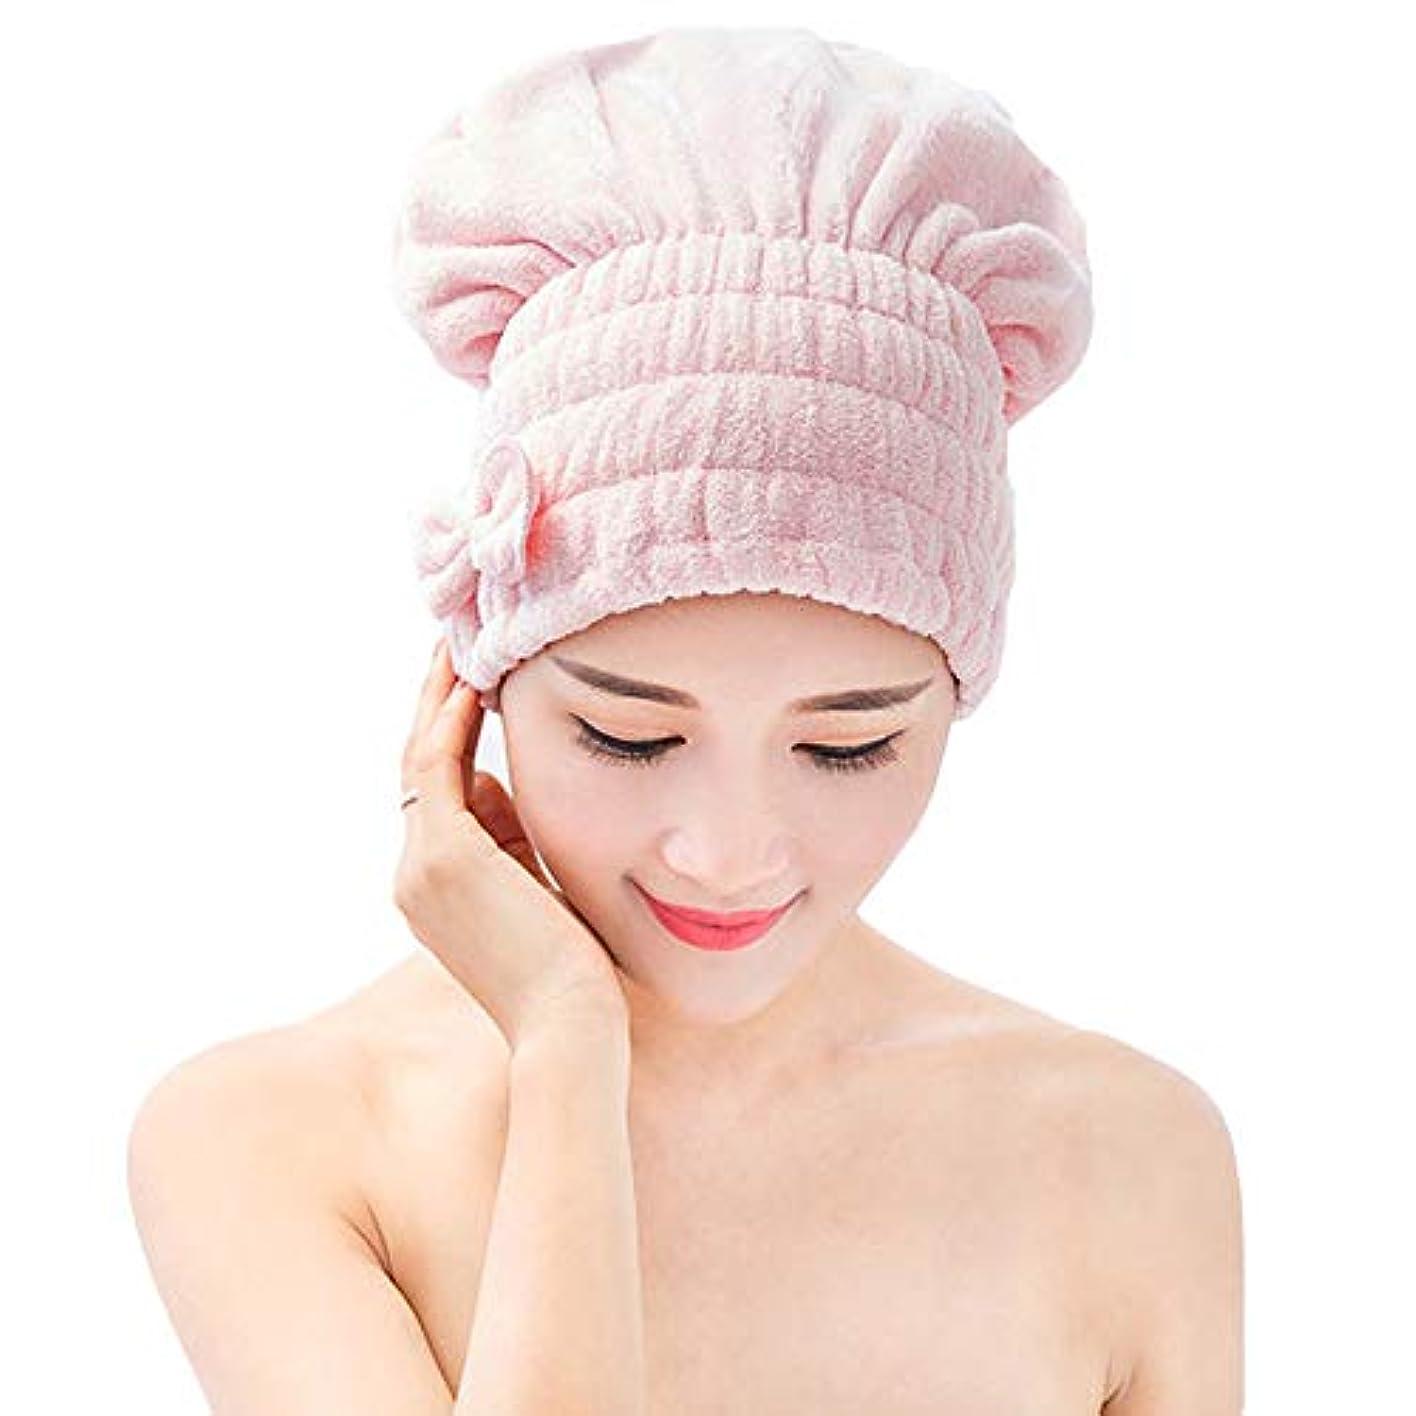 請負業者ソブリケット政令loyouve ヘアドライタオル タオルキャップ 女の子 速乾 ヘアキャップ 強い吸水性 ドライキャップ マイクロファイバー ちょう結び キノコ 髪帽 ピンク